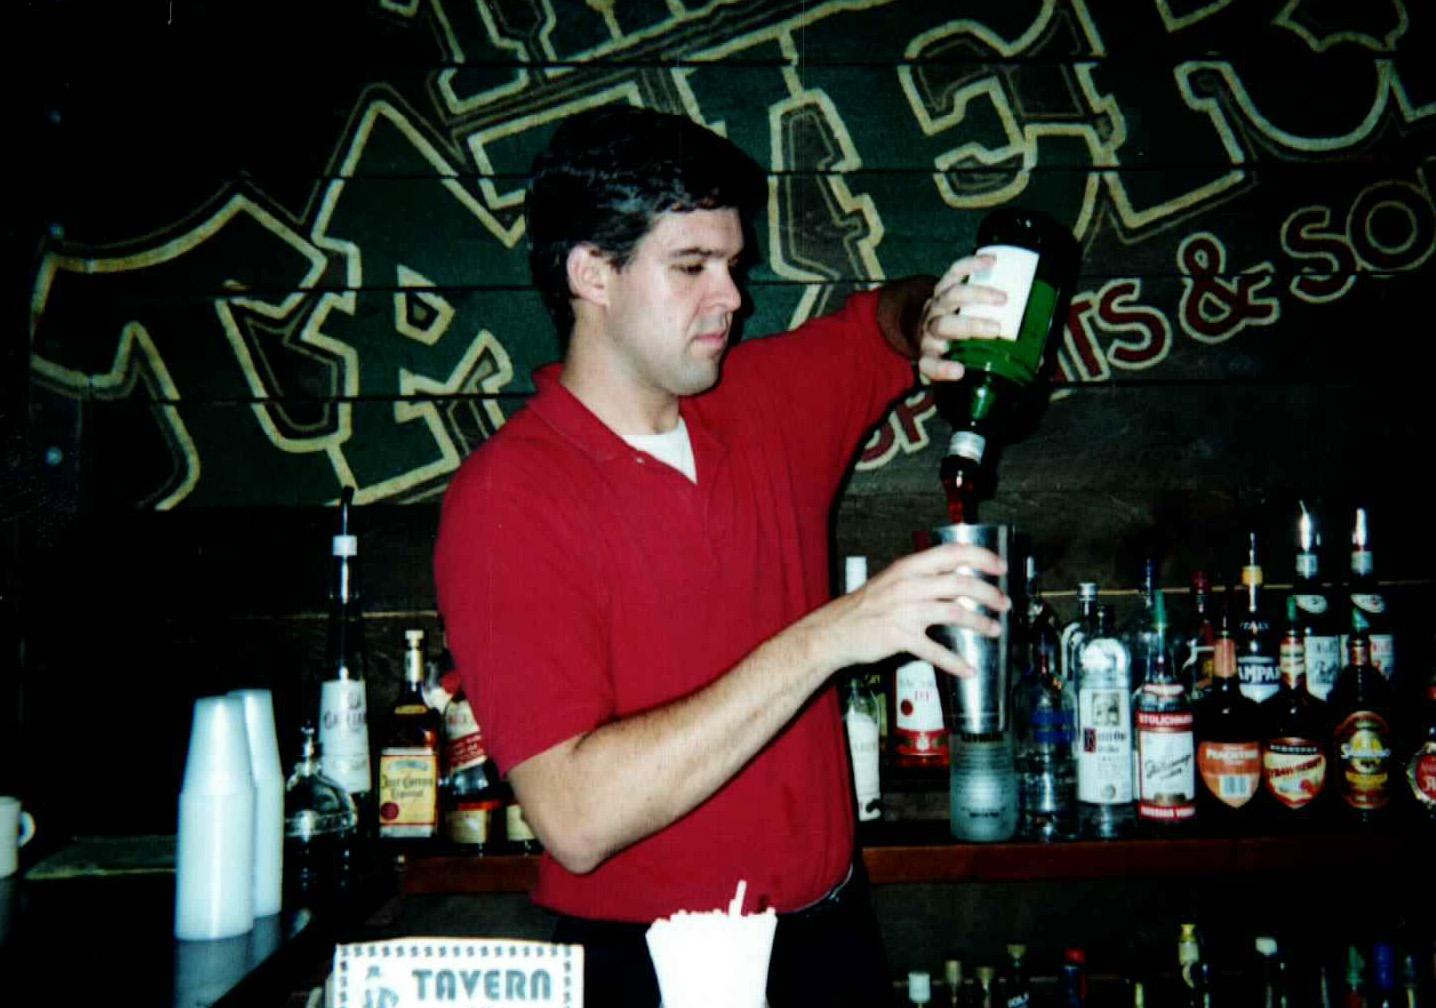 Franklin at Tavern.jpg